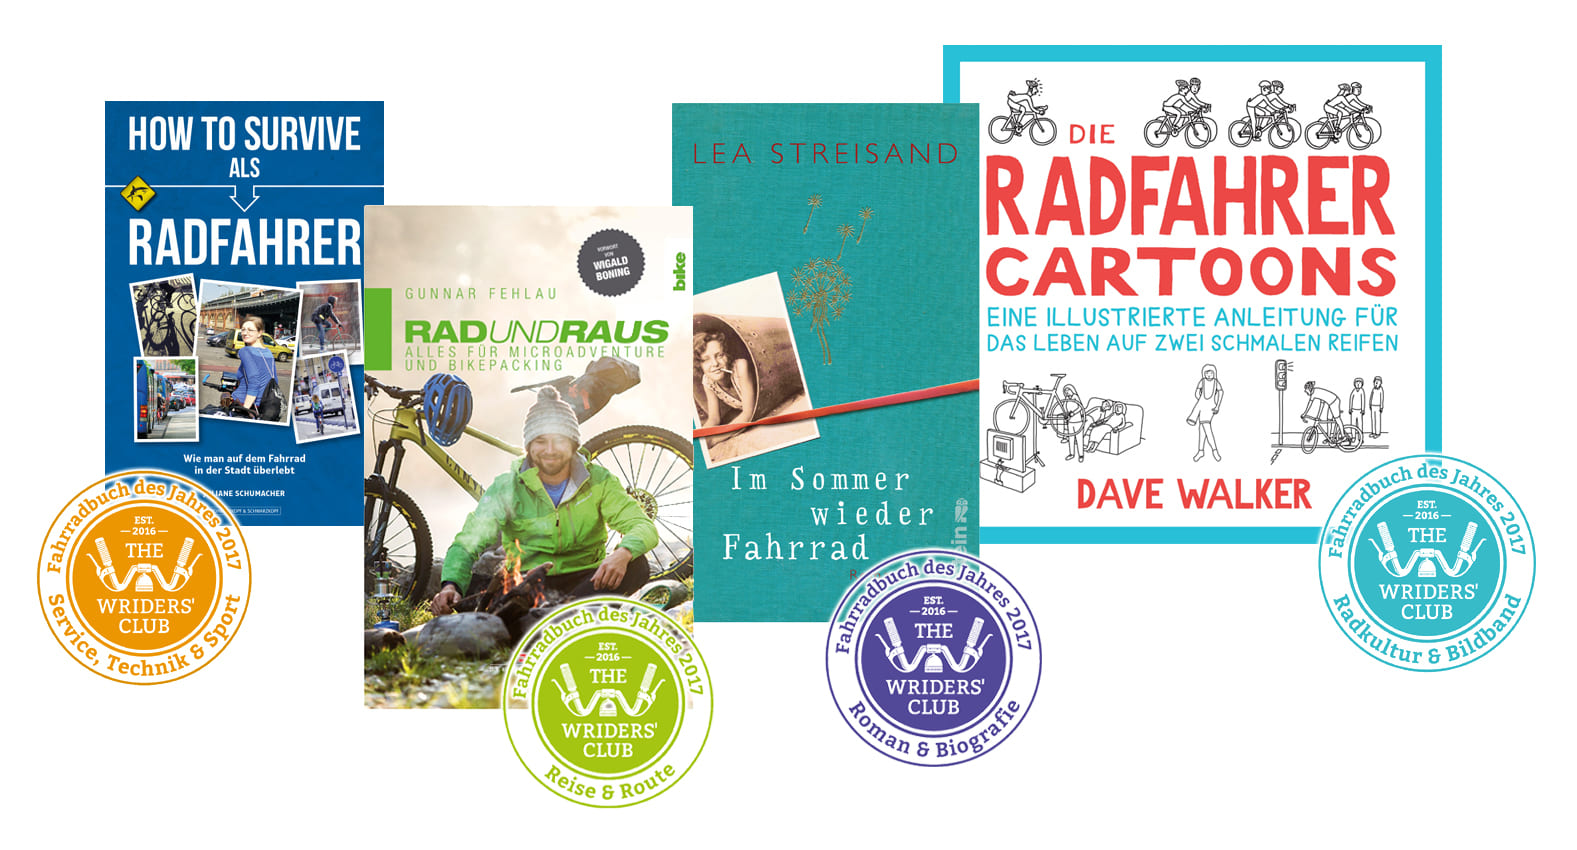 TWC_Fahrradbuch_des_Jahres_2017_Die_Gewinner__Bild